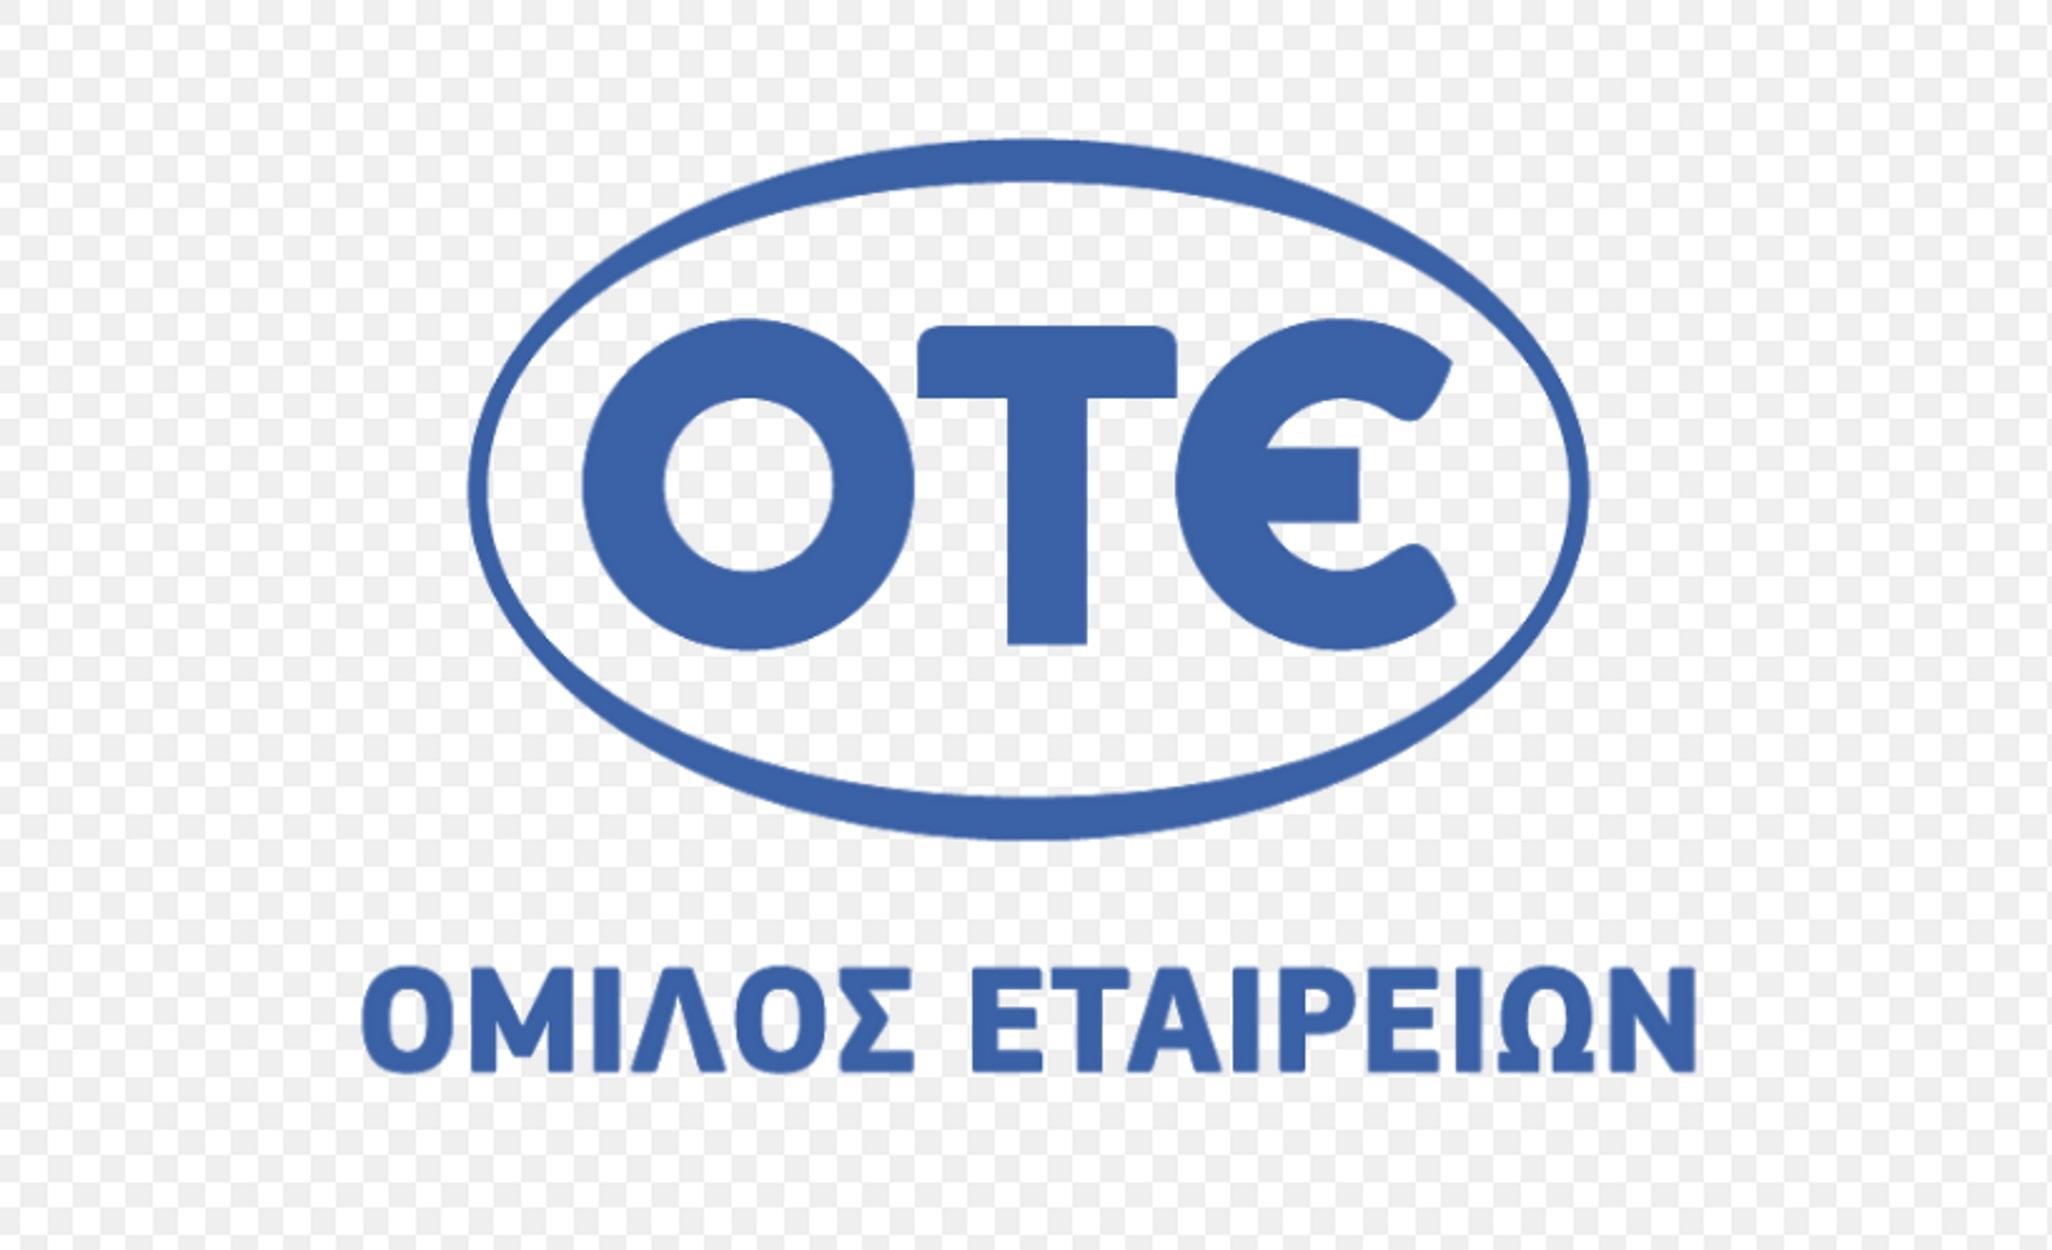 ΟΤΕ: Μείωση εσόδων στο β' τρίμηνο του 2020 λόγω πανδημίας